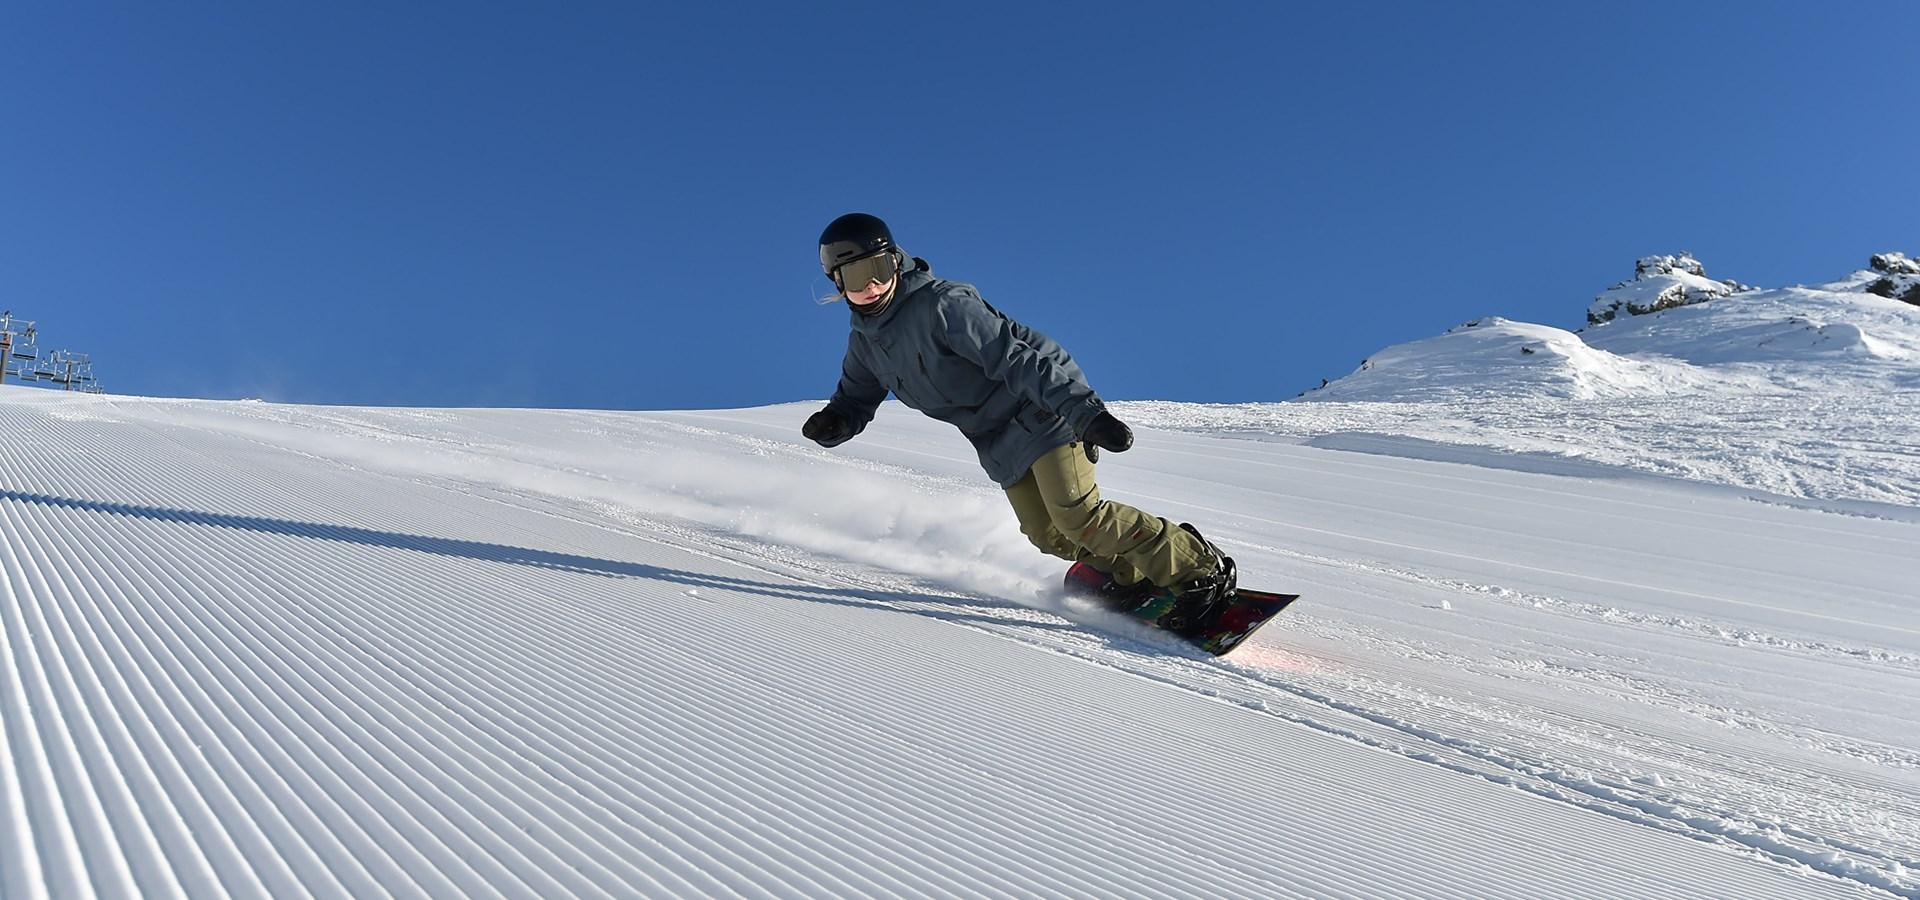 vente chaude en ligne e92c8 1098f Skiing & Snowboarding in New Zealand   Cardrona NZ